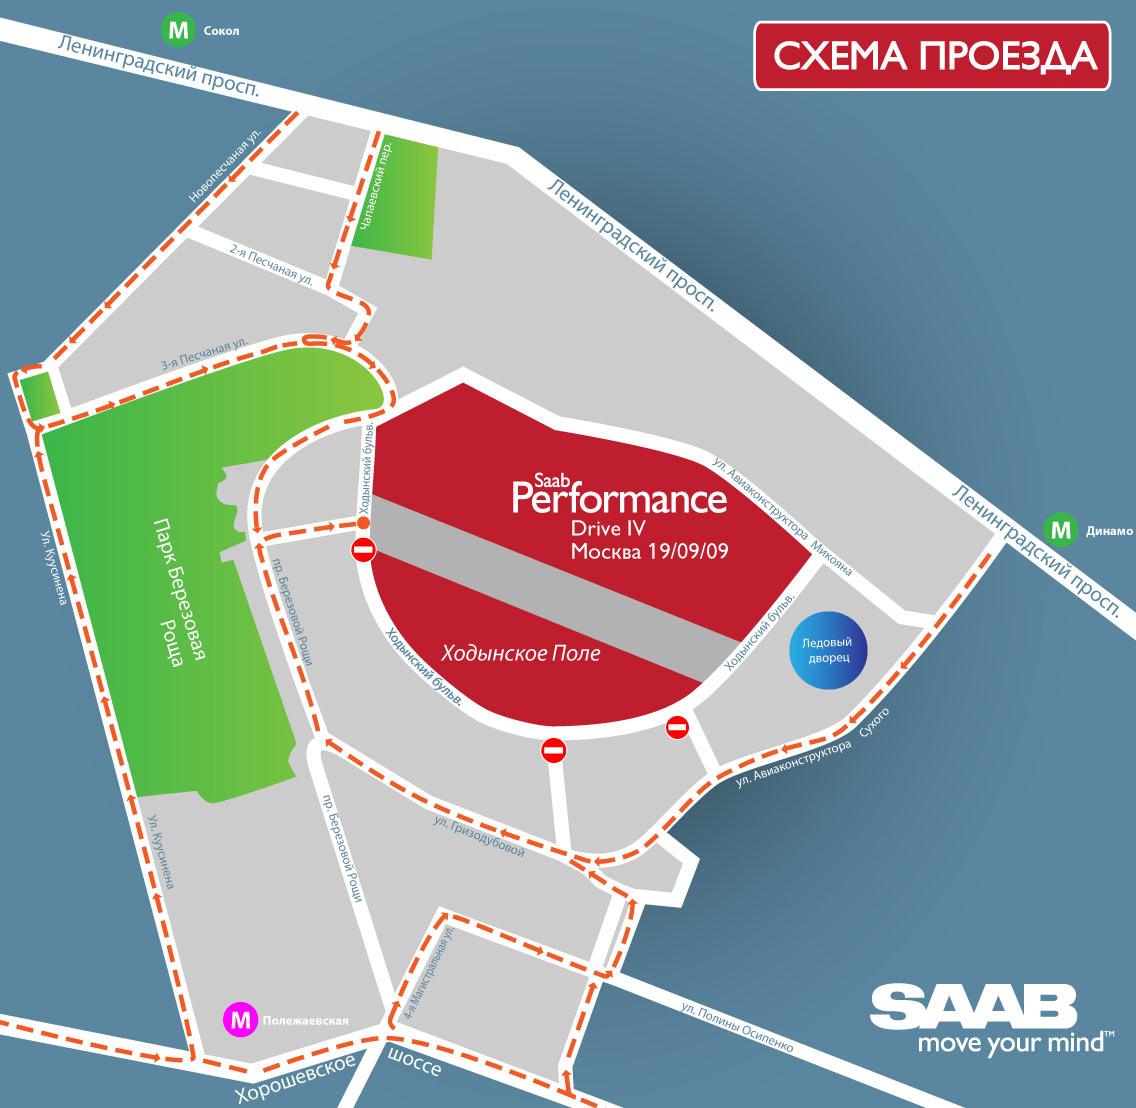 Схема проезда ходынского поля